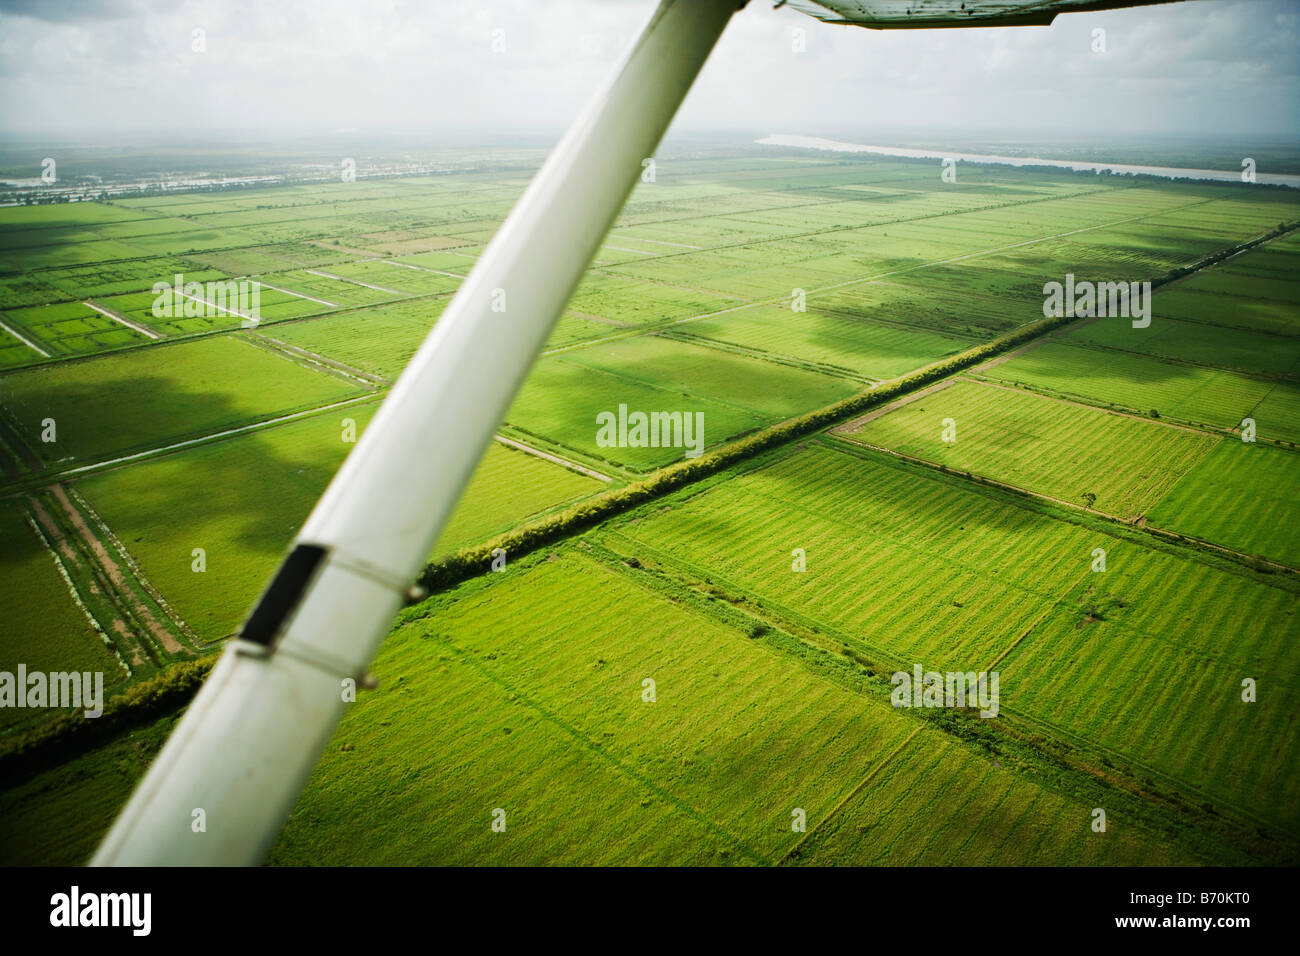 Surinam, Paramaribo, Antena de antiguas plantaciones. Ahora subdesarrollados. Foto de stock